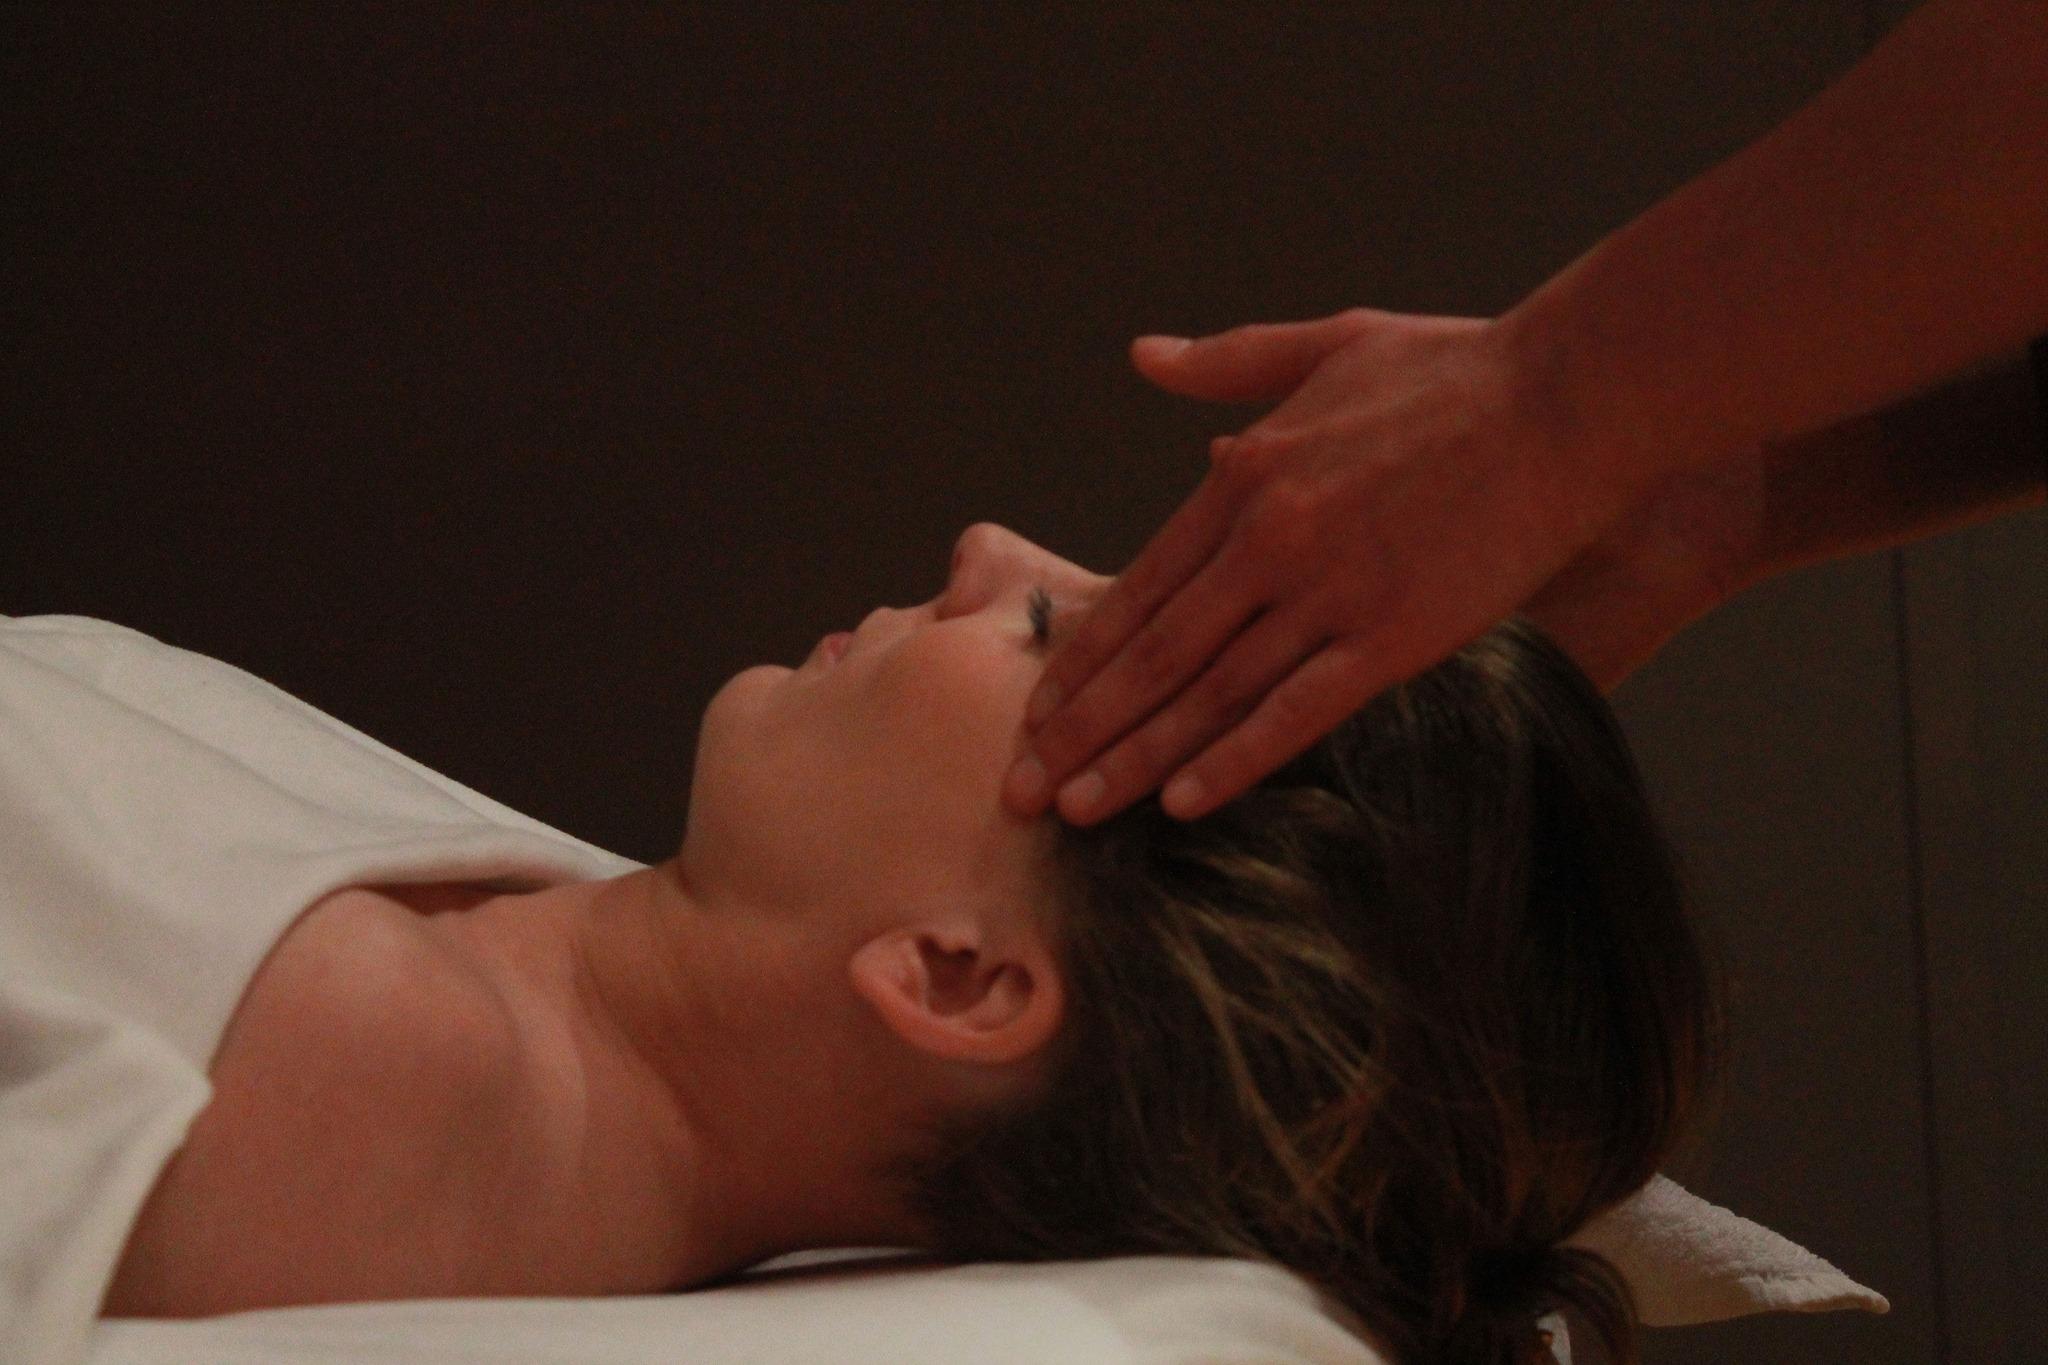 Massage bien-être: le toucher au service de l'essence